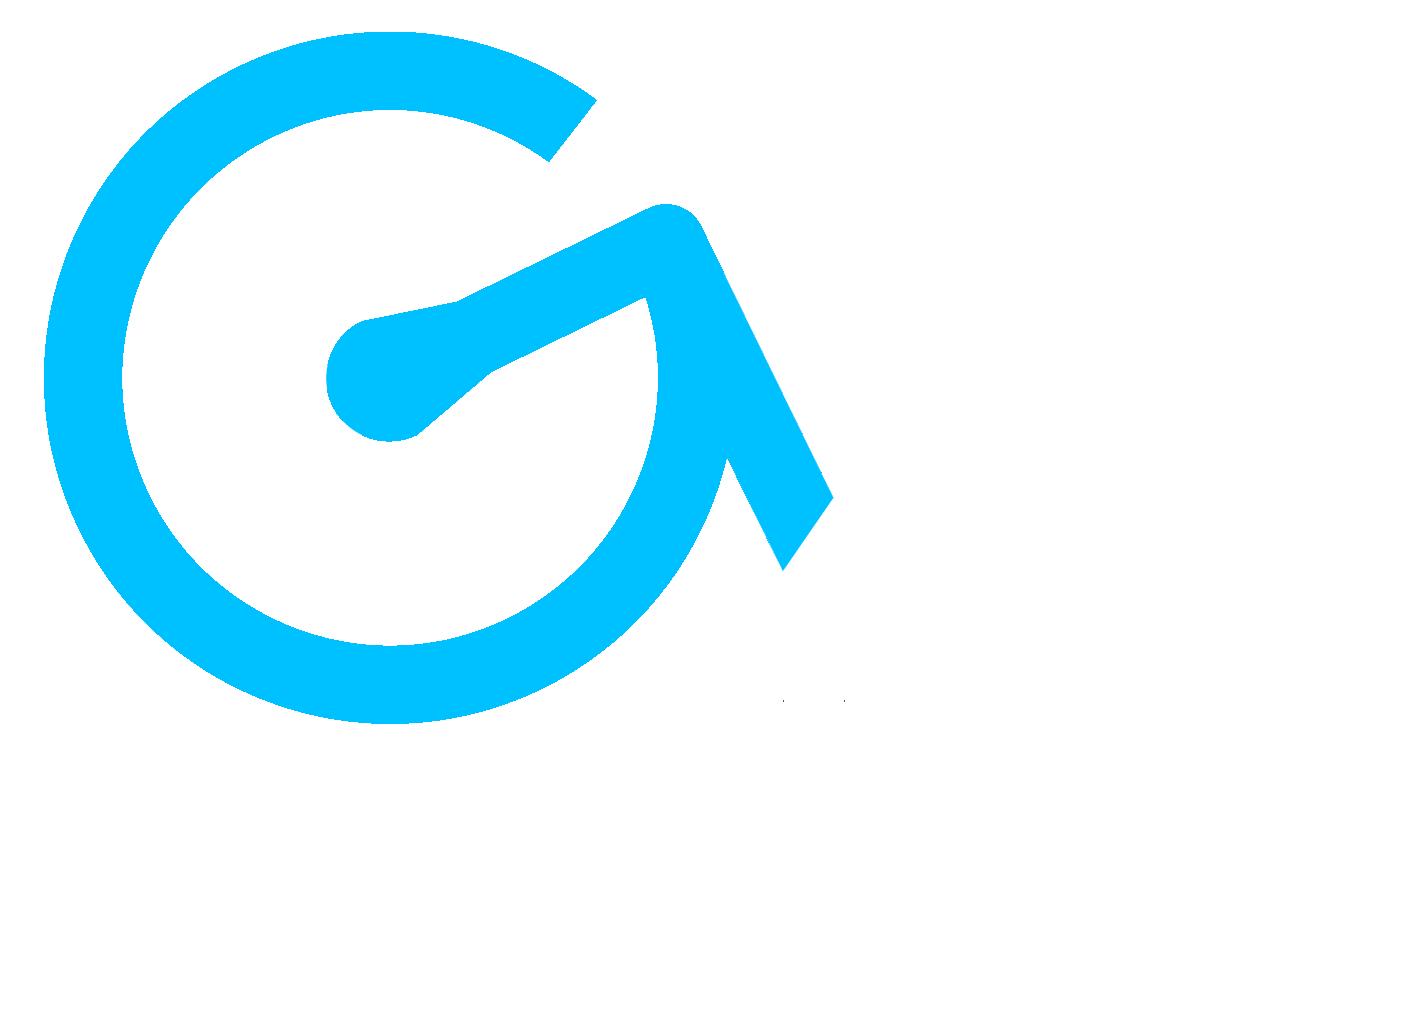 GW ELECTRIC SDN BHD